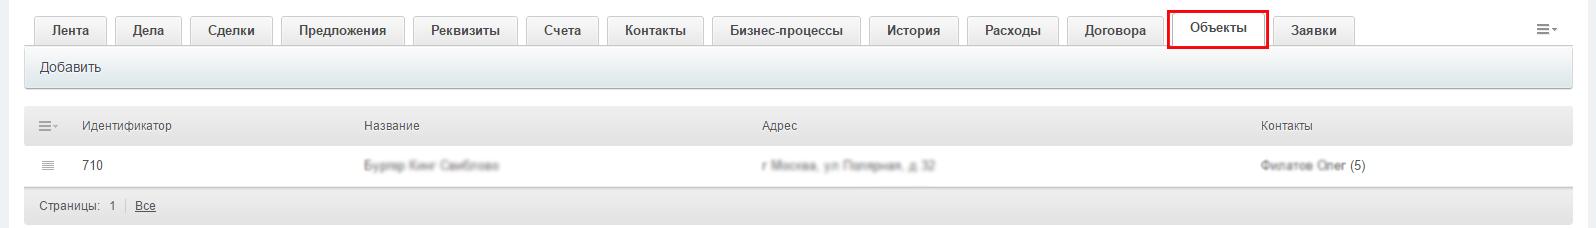 CRM - список объектов компании.png